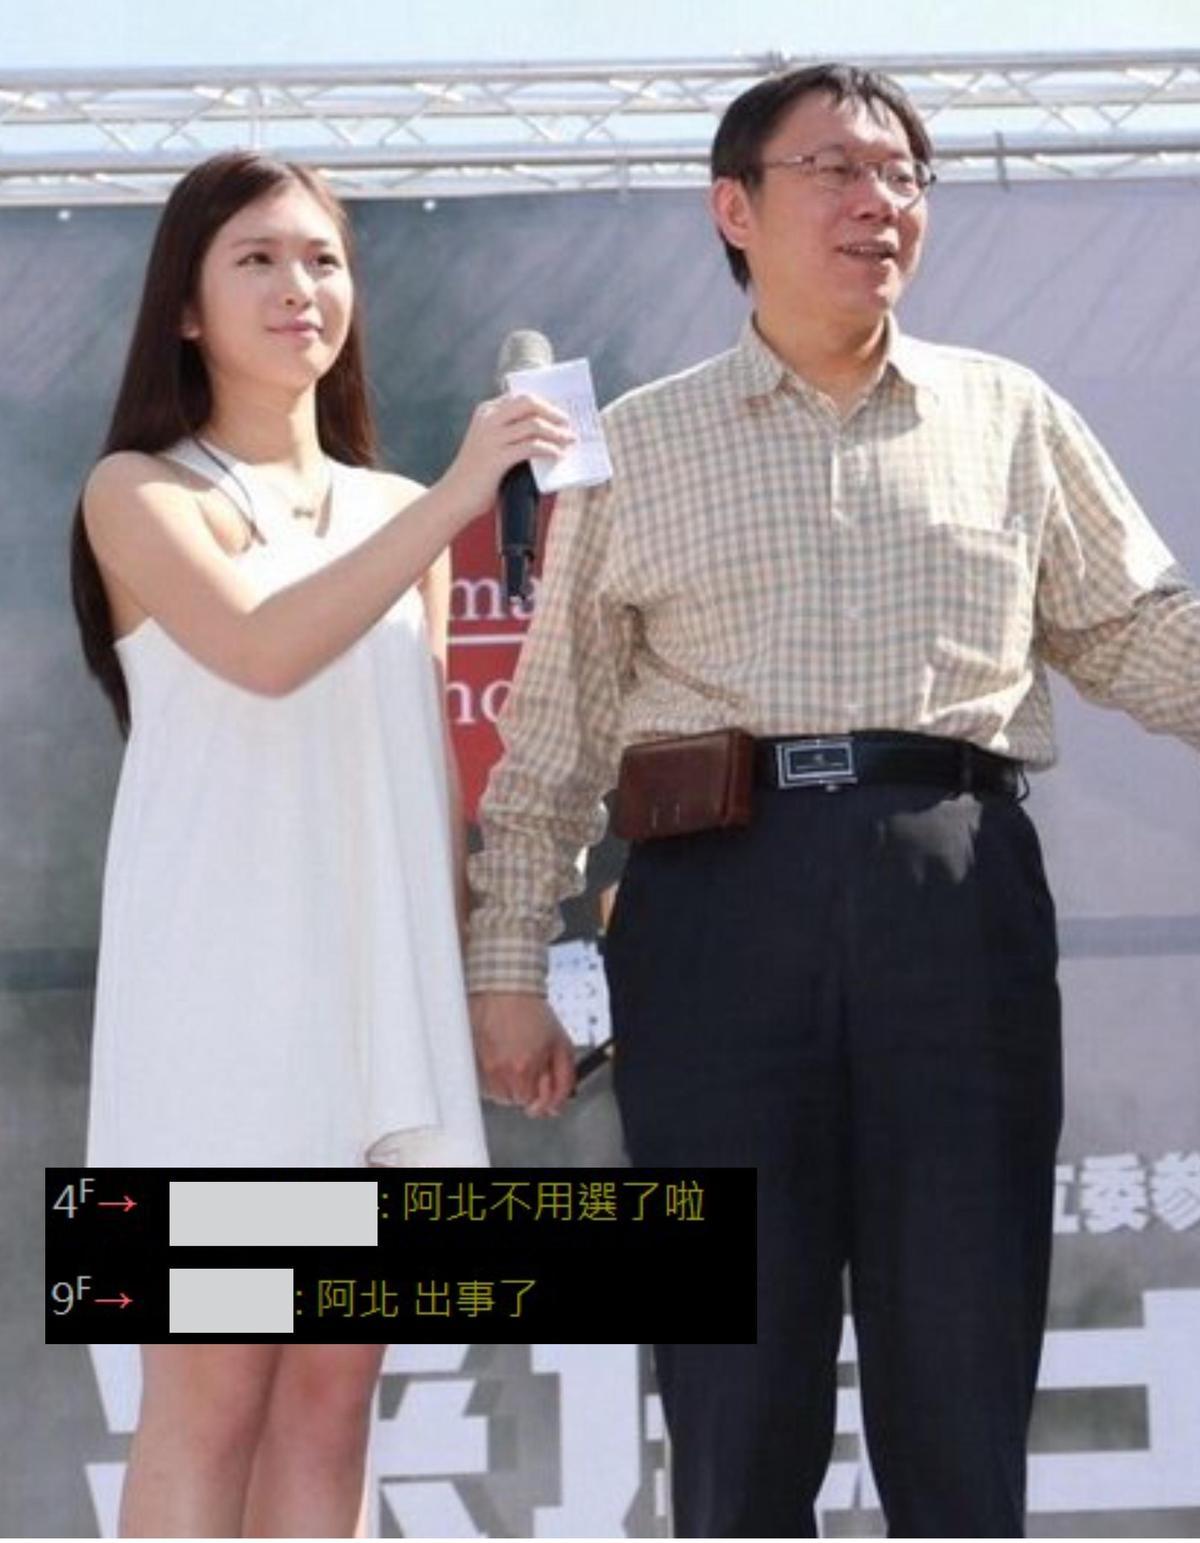 人帥手牽手、人醜看守所。有人貼出雞排妹與台北市長柯P手牽手的照片,驚恐表示「阿北出事了」!(翻攝自PTT)